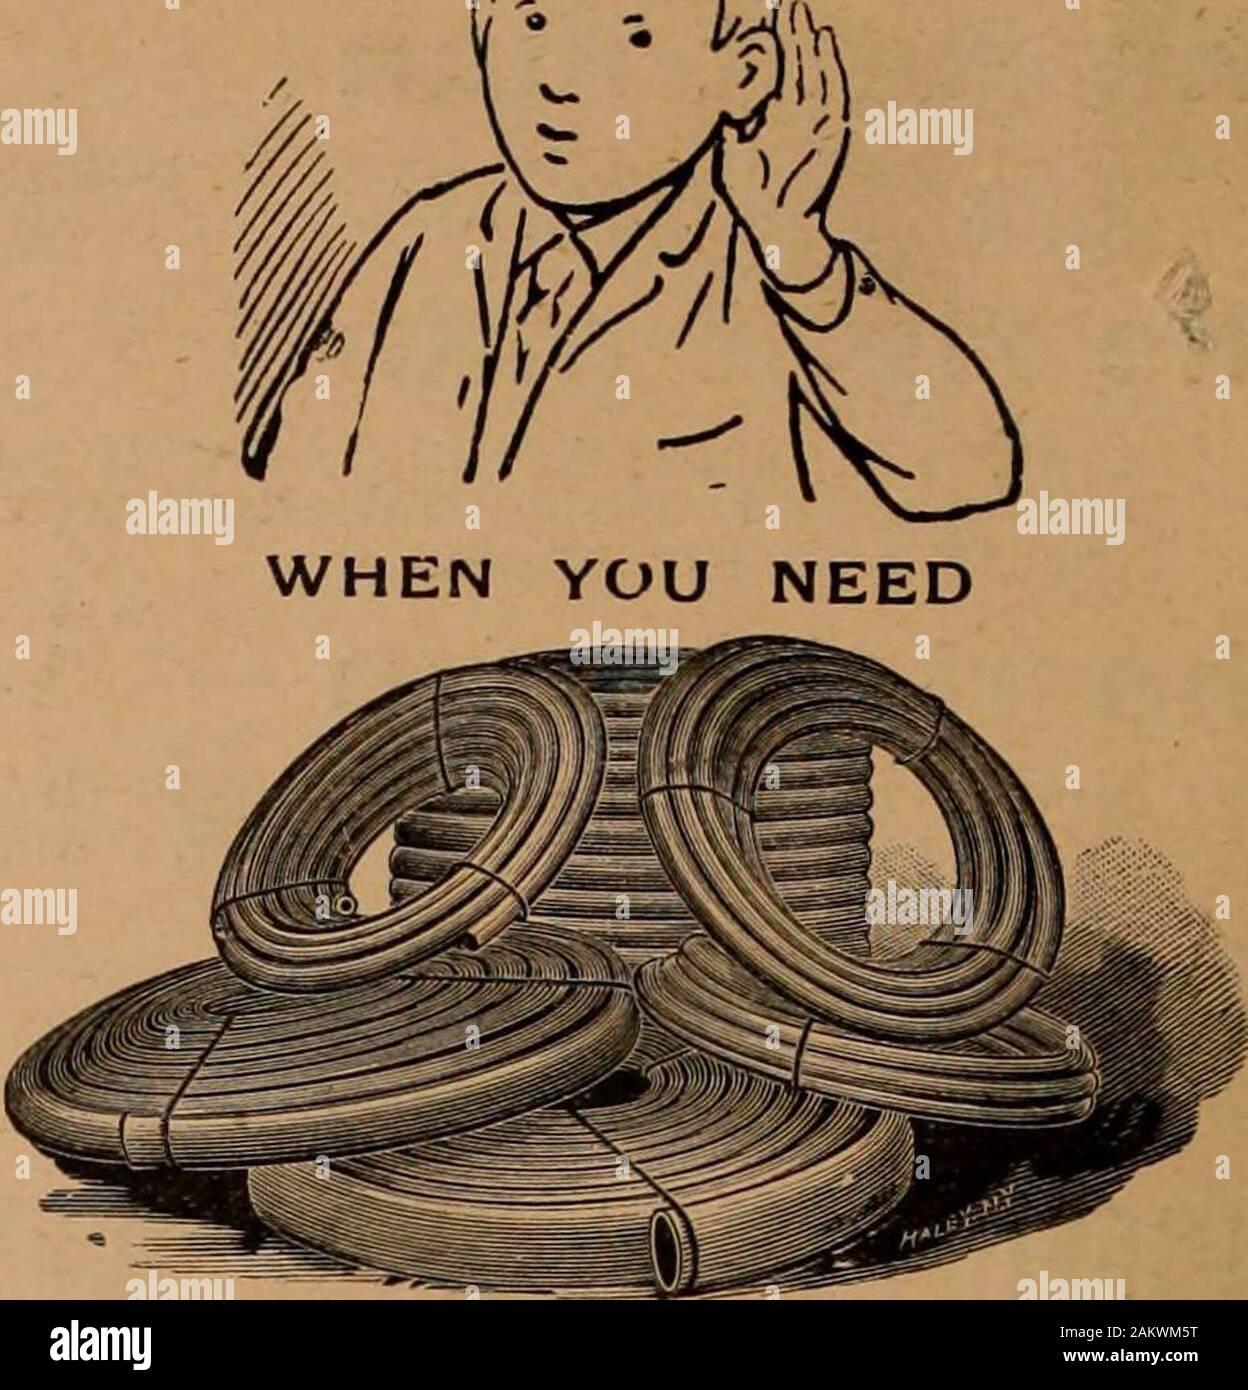 """Entre enero y junio de 1897 merchandising de hardware . Inc. 1895 Black Diamond Works Archivo G. y H. Barnett Empresa PHILADELPHIA 12 -c^ S>""""- ^**. Medallas concedidas por los jurados * Exposiciones Internacionales especial premio medalla de oro en Atlanta, 1895 """""""" &. &Gt*; queremos oír. -. I* la manguera de goma. Nuestras marcas la cruz maltesa. Calidad Extra, (negro o blanco). Kinkproof, (cable obligado)León, King, líder, competencia, Faiiy, (algodón). La Cutta Pergha y Goma DE TORONTO Mfg. Co., Ltd. 61-63 FRONT ST. WEST, Toronto. Foto de stock"""